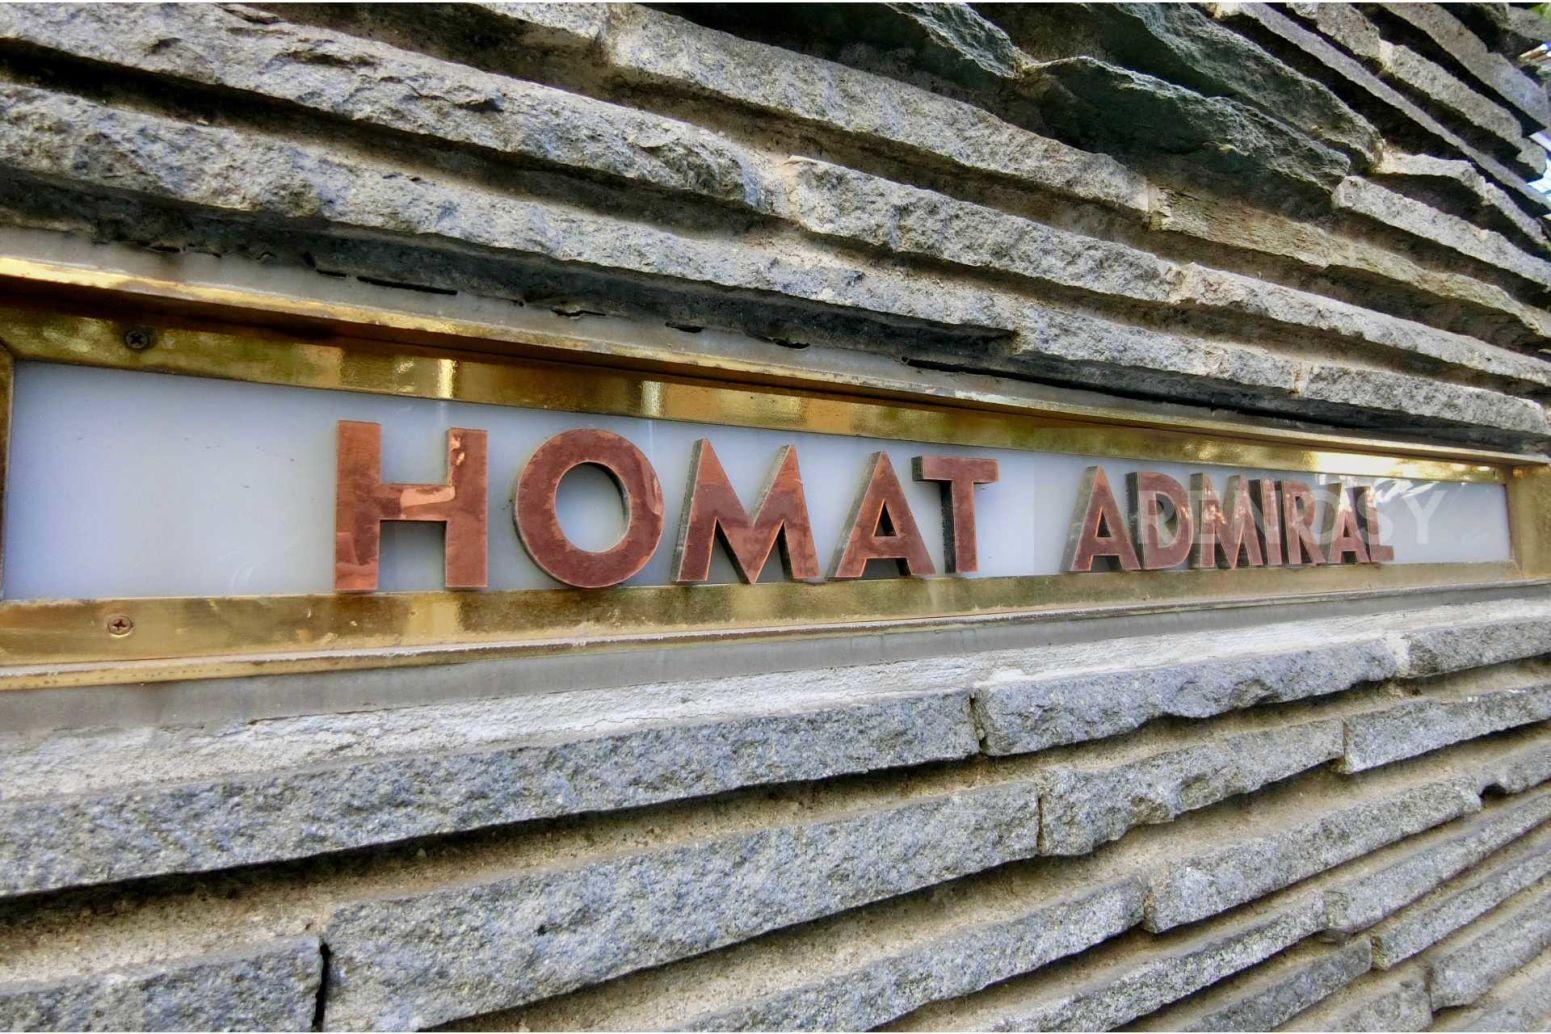 ホーマットアドミラル